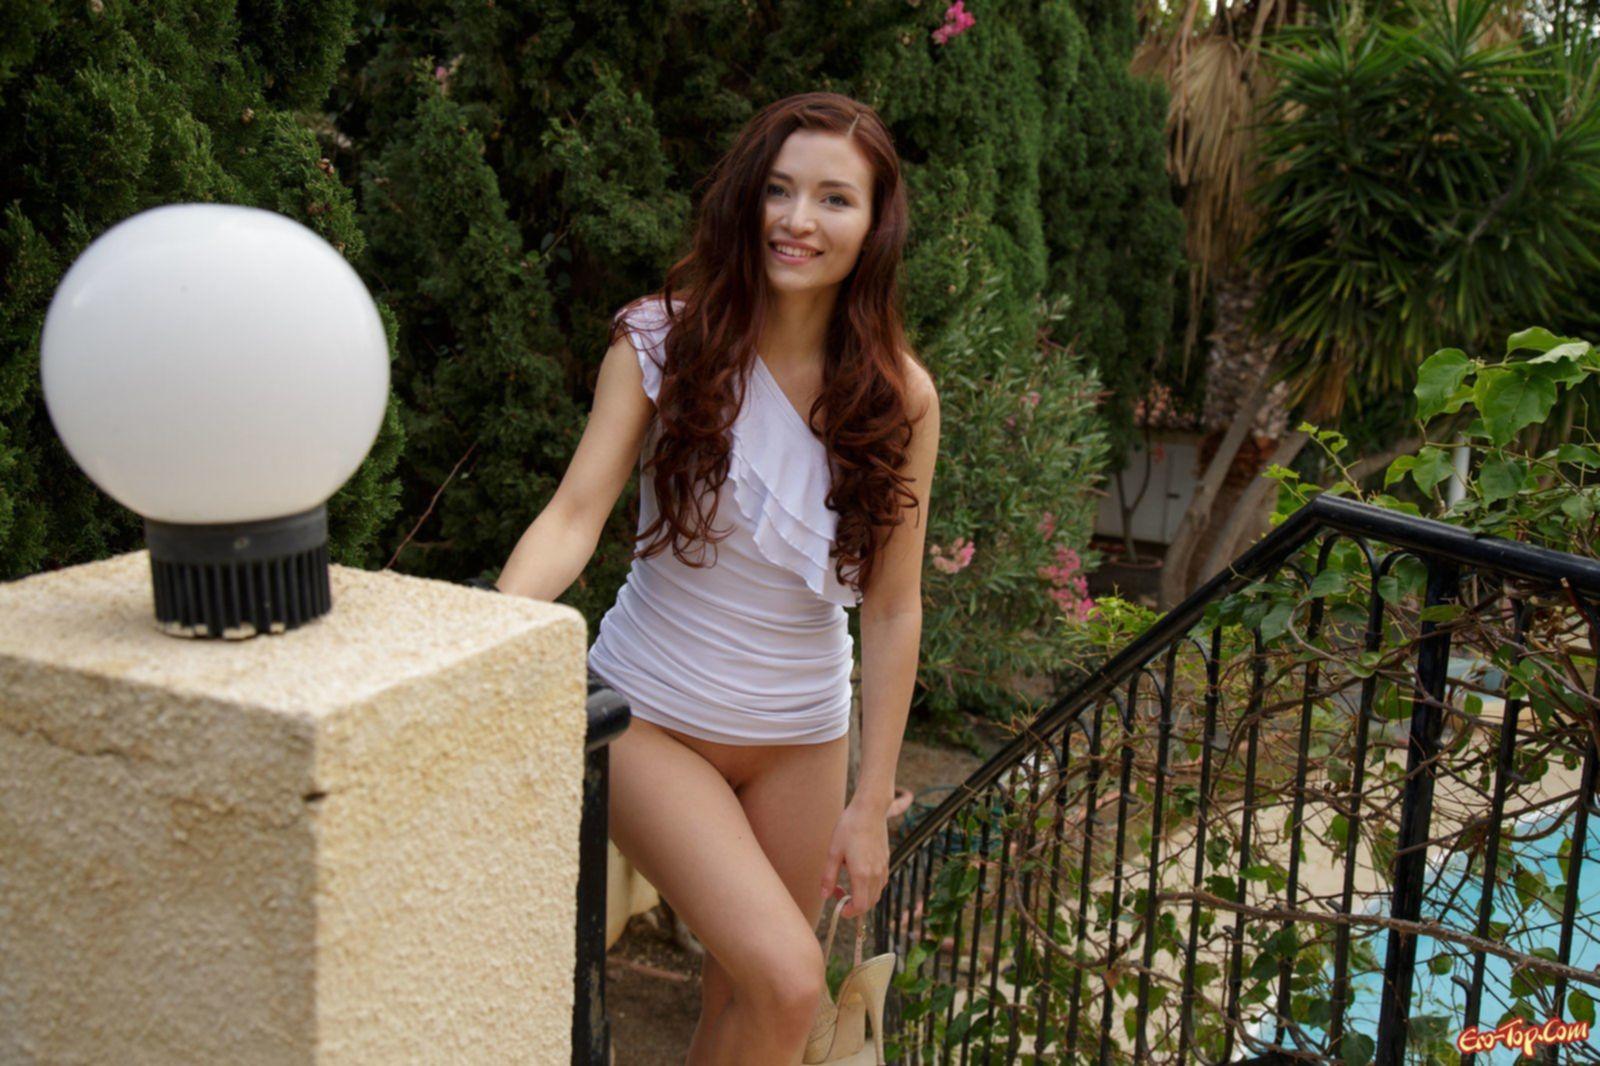 Девушка сняв платье показала письку на лестнице - фото эротика